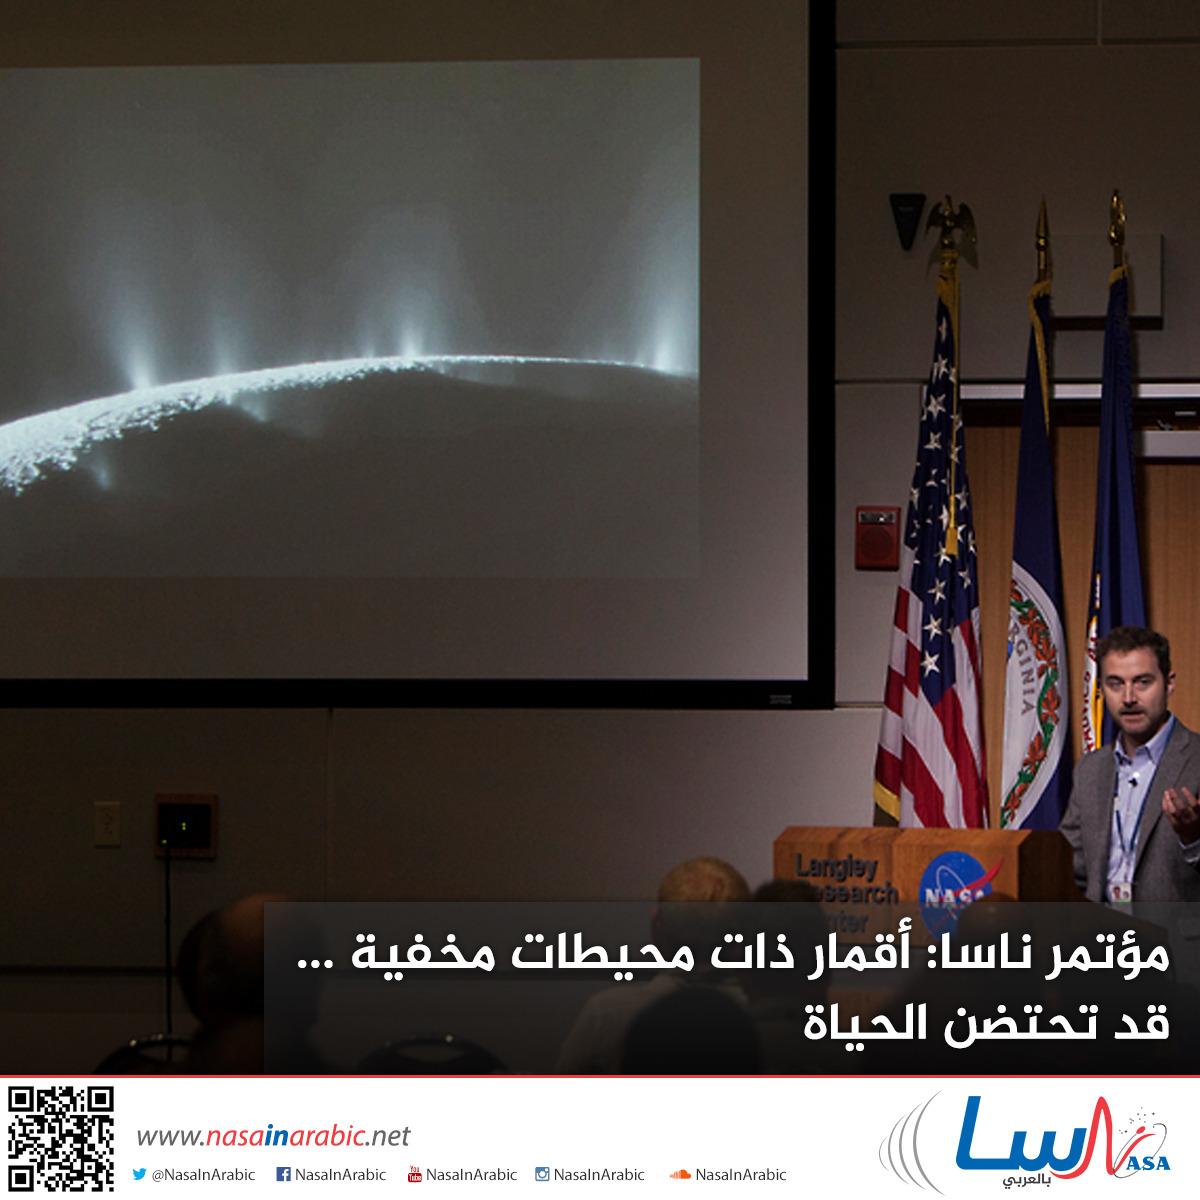 مؤتمر ناسا: أقمار ذات محيطات مخفية ... قد تحتضن الحياة